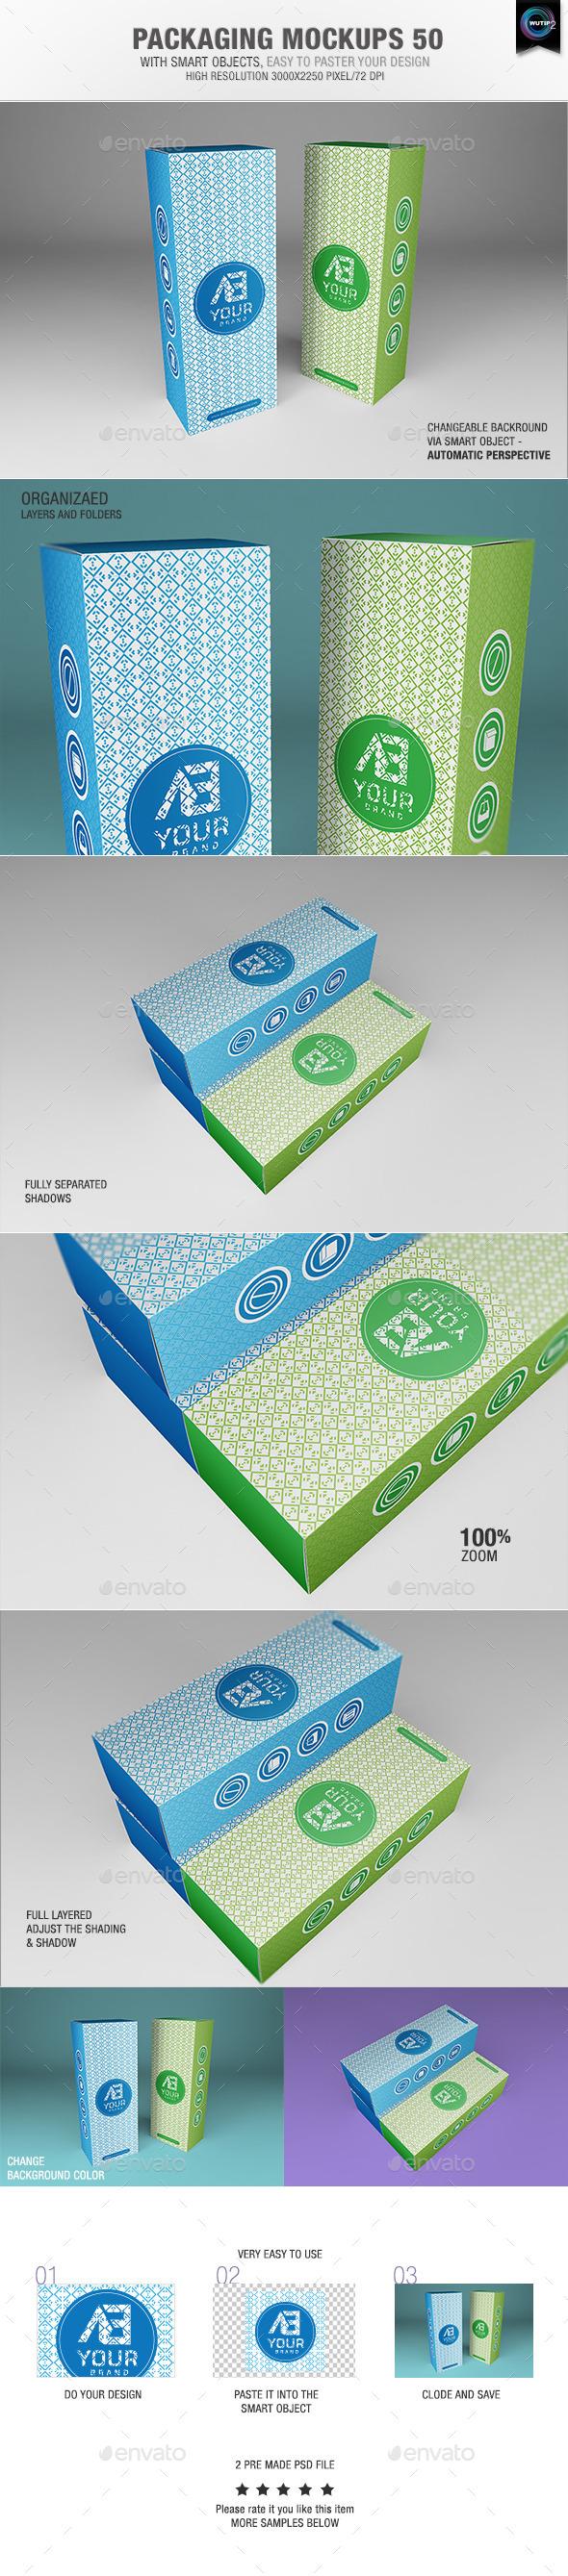 Packaging Mock-ups 50